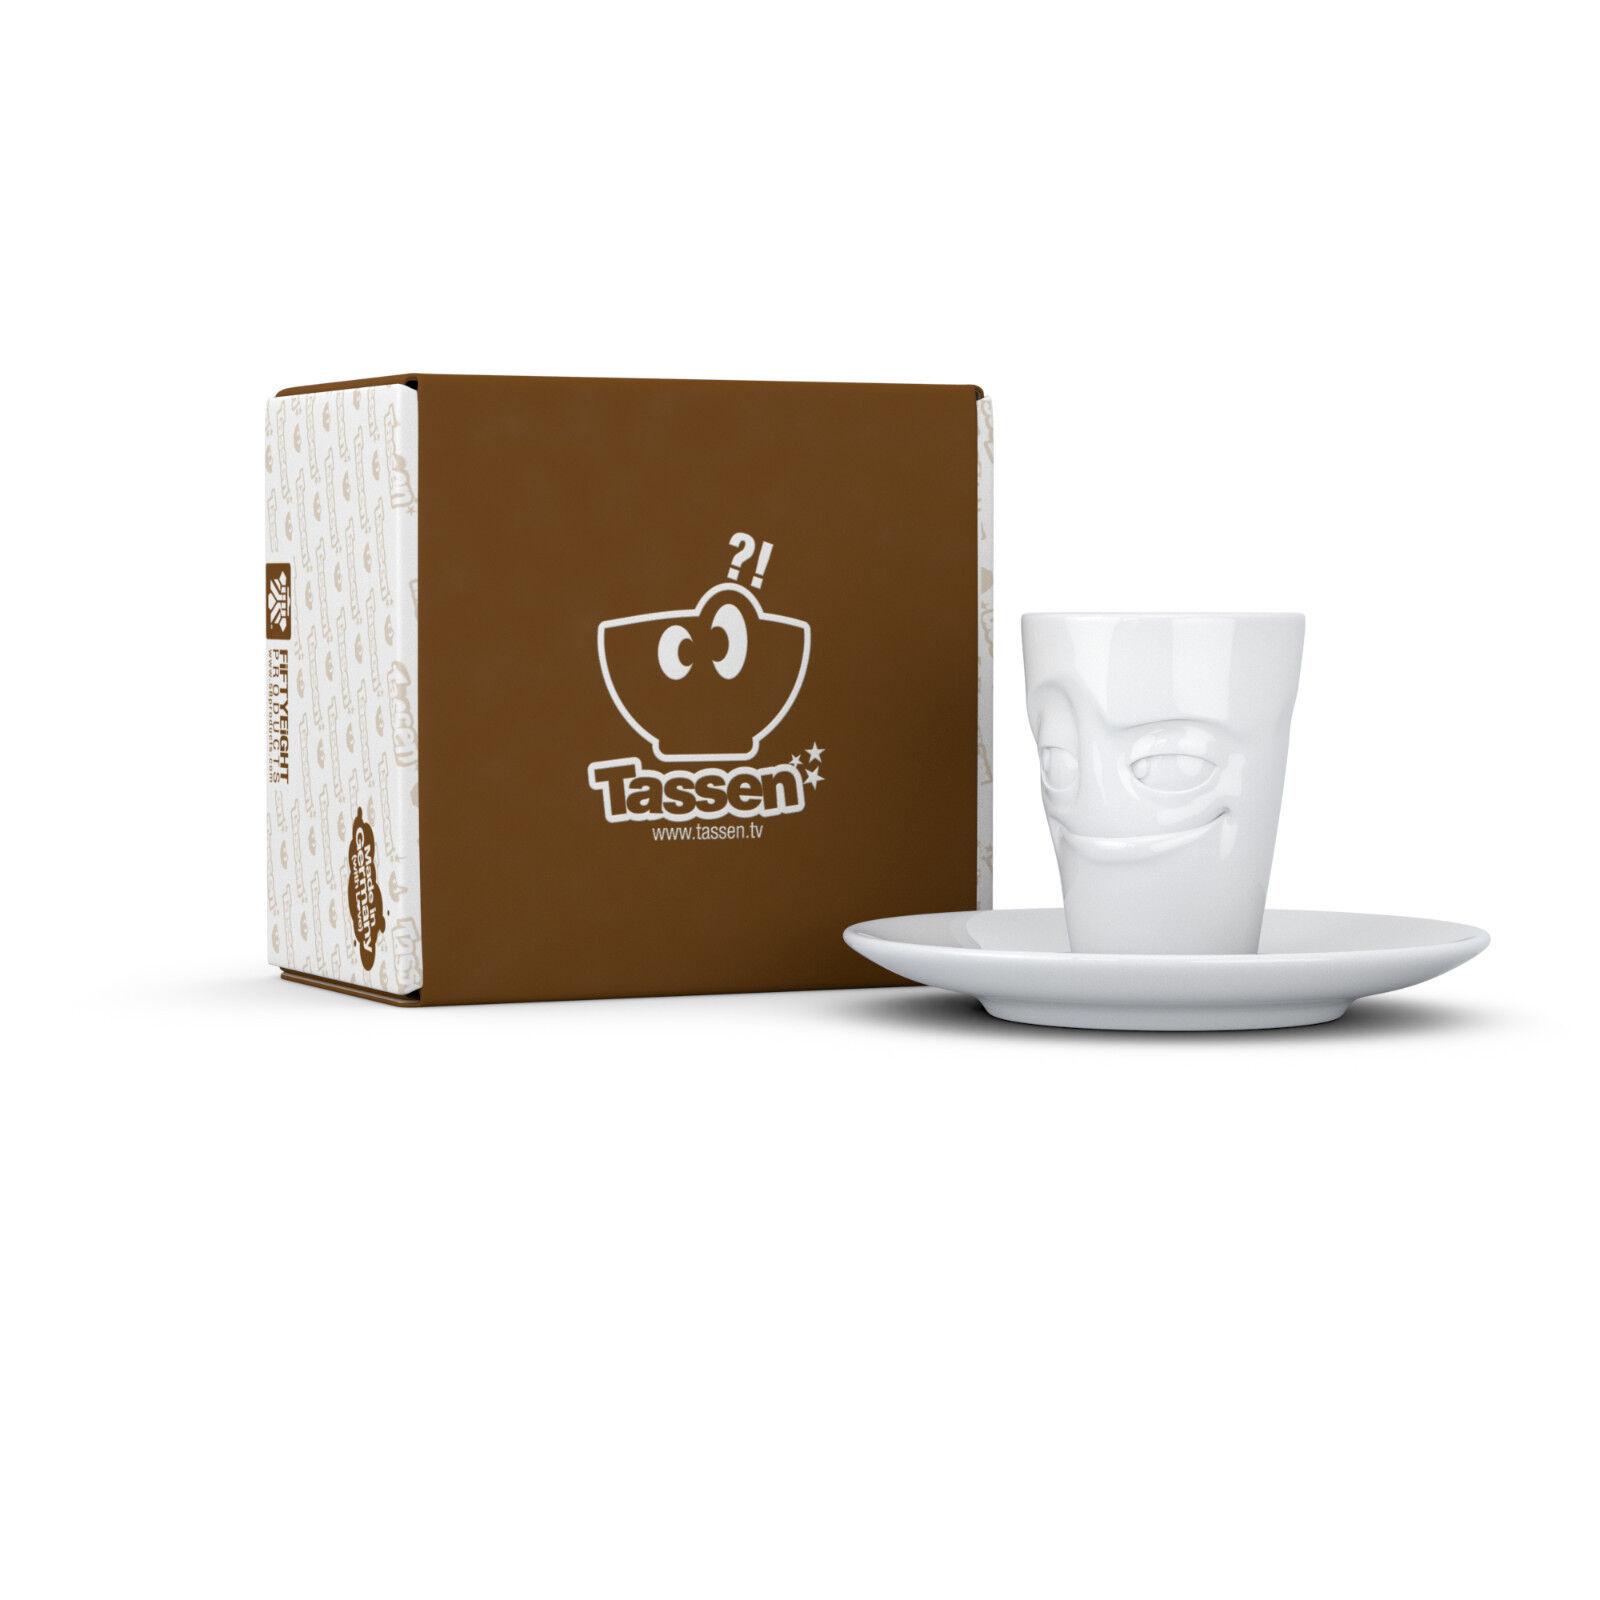 Fiftyeight TV TV TV 4-er Espresso Tassen Mugs  Becher mit Henkel  Untert. +Serviette c9ad1c